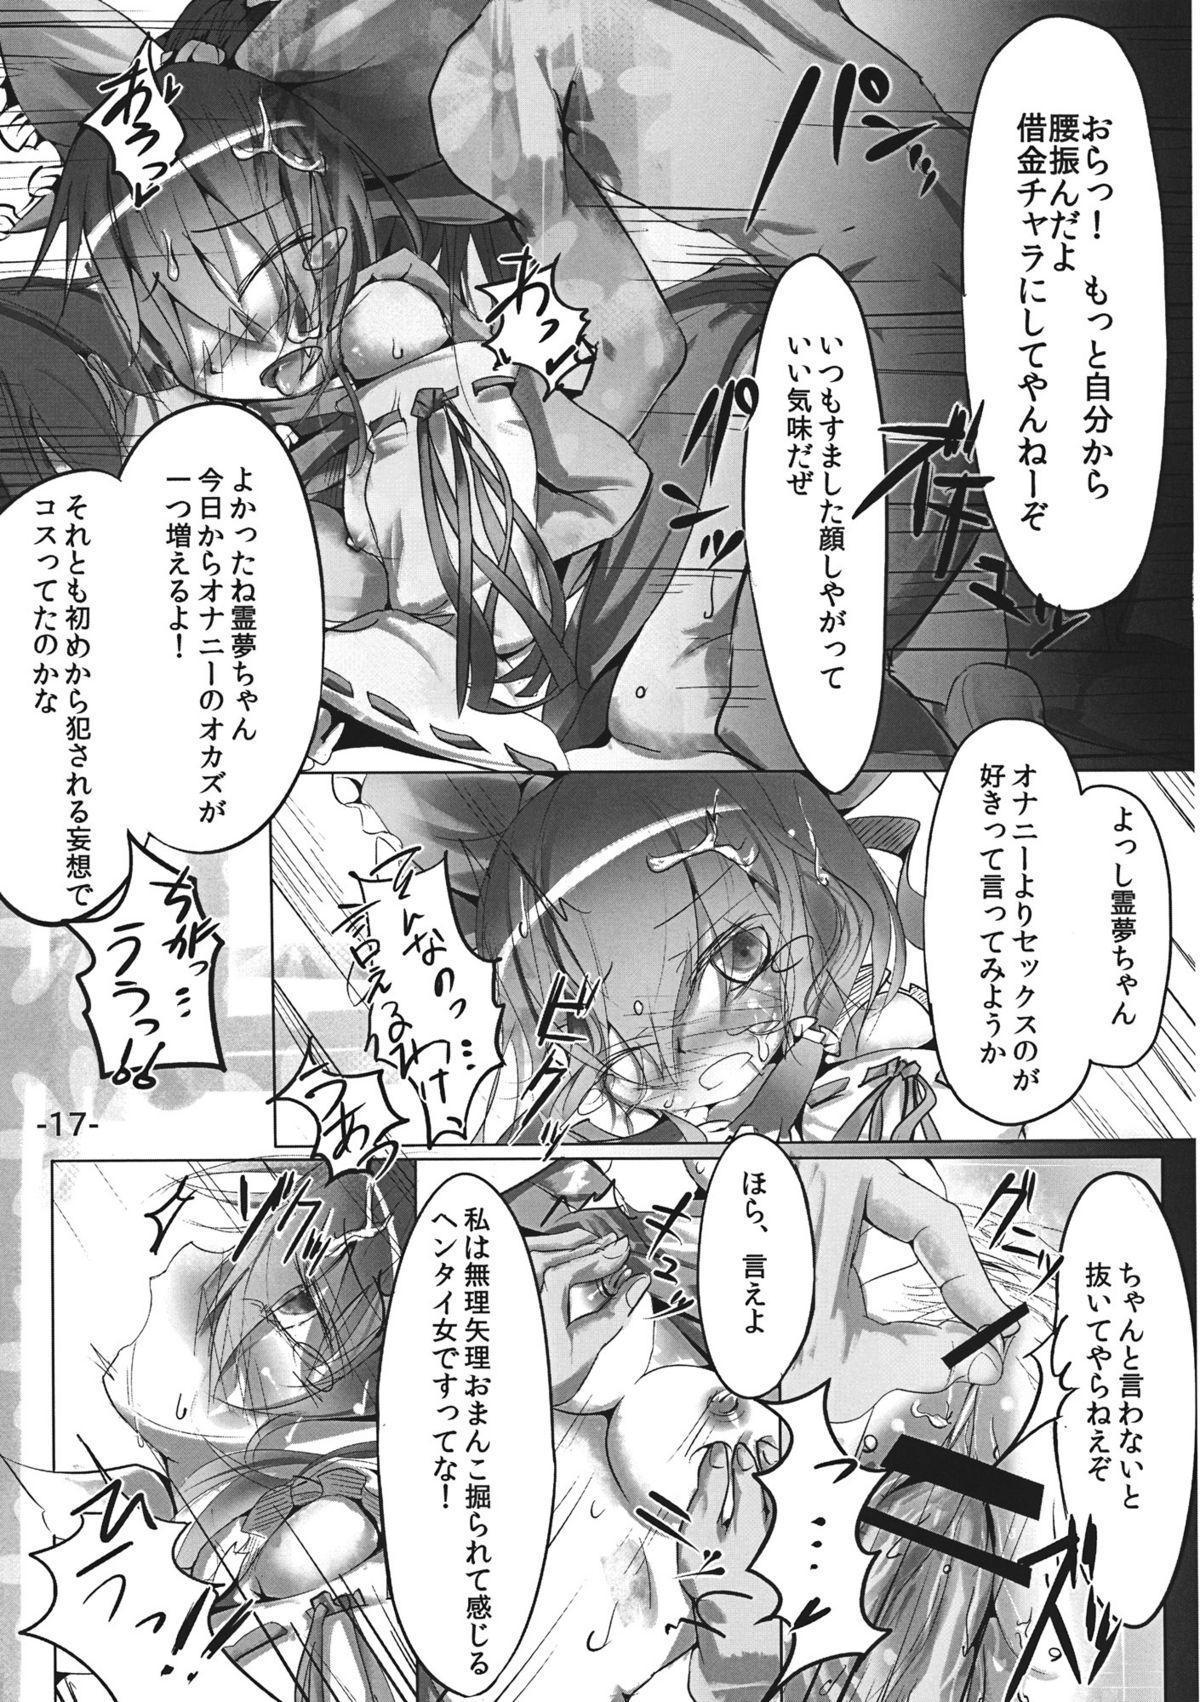 Sashiosae Reimu 16